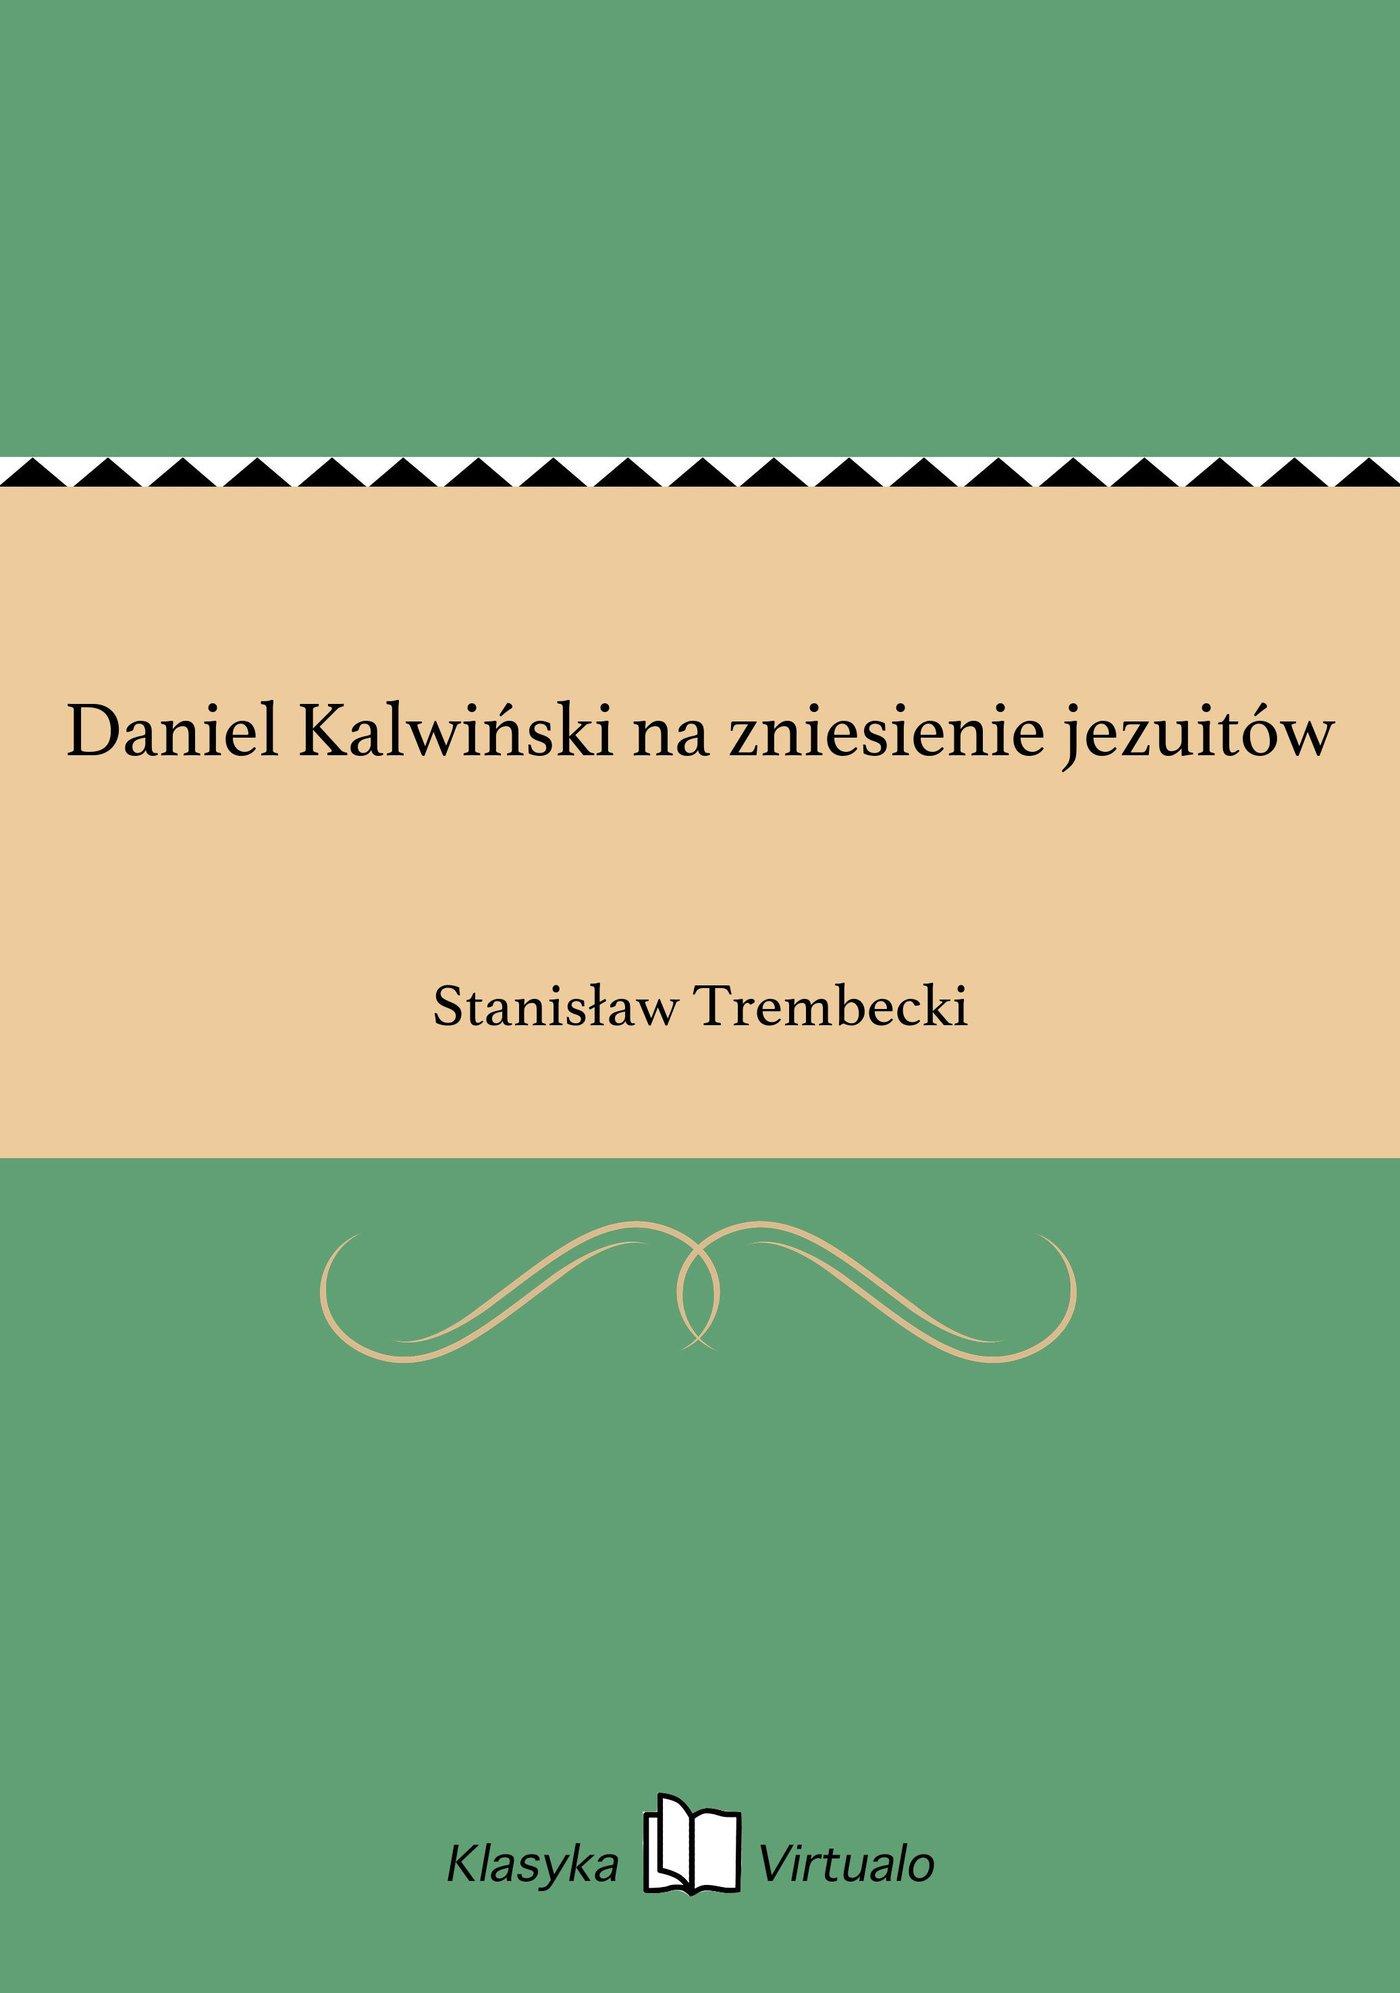 Daniel Kalwiński na zniesienie jezuitów - Ebook (Książka EPUB) do pobrania w formacie EPUB